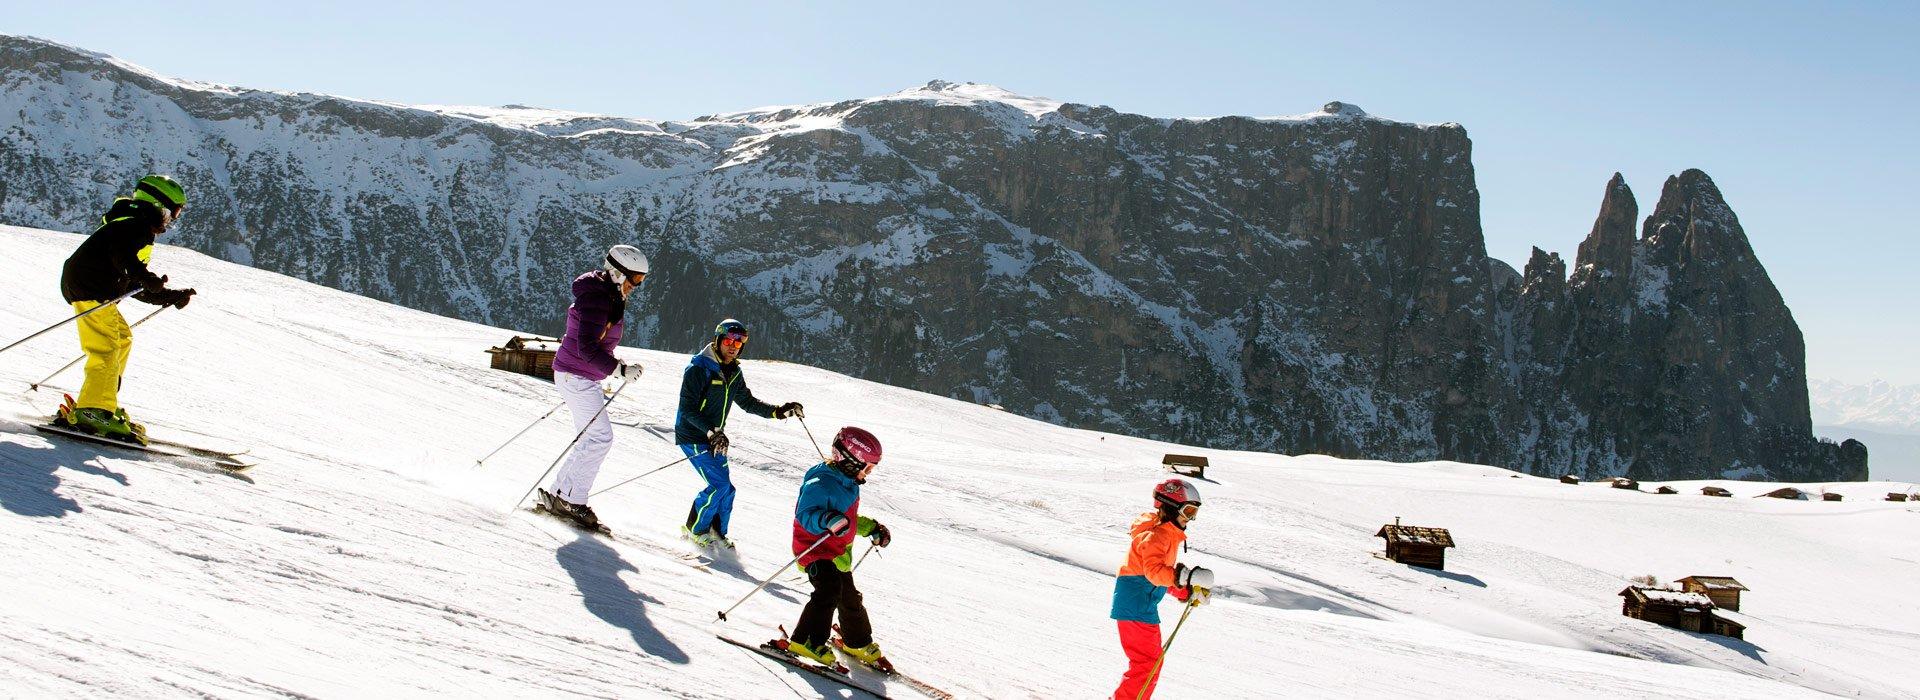 skiurlaub-kastelruth-03